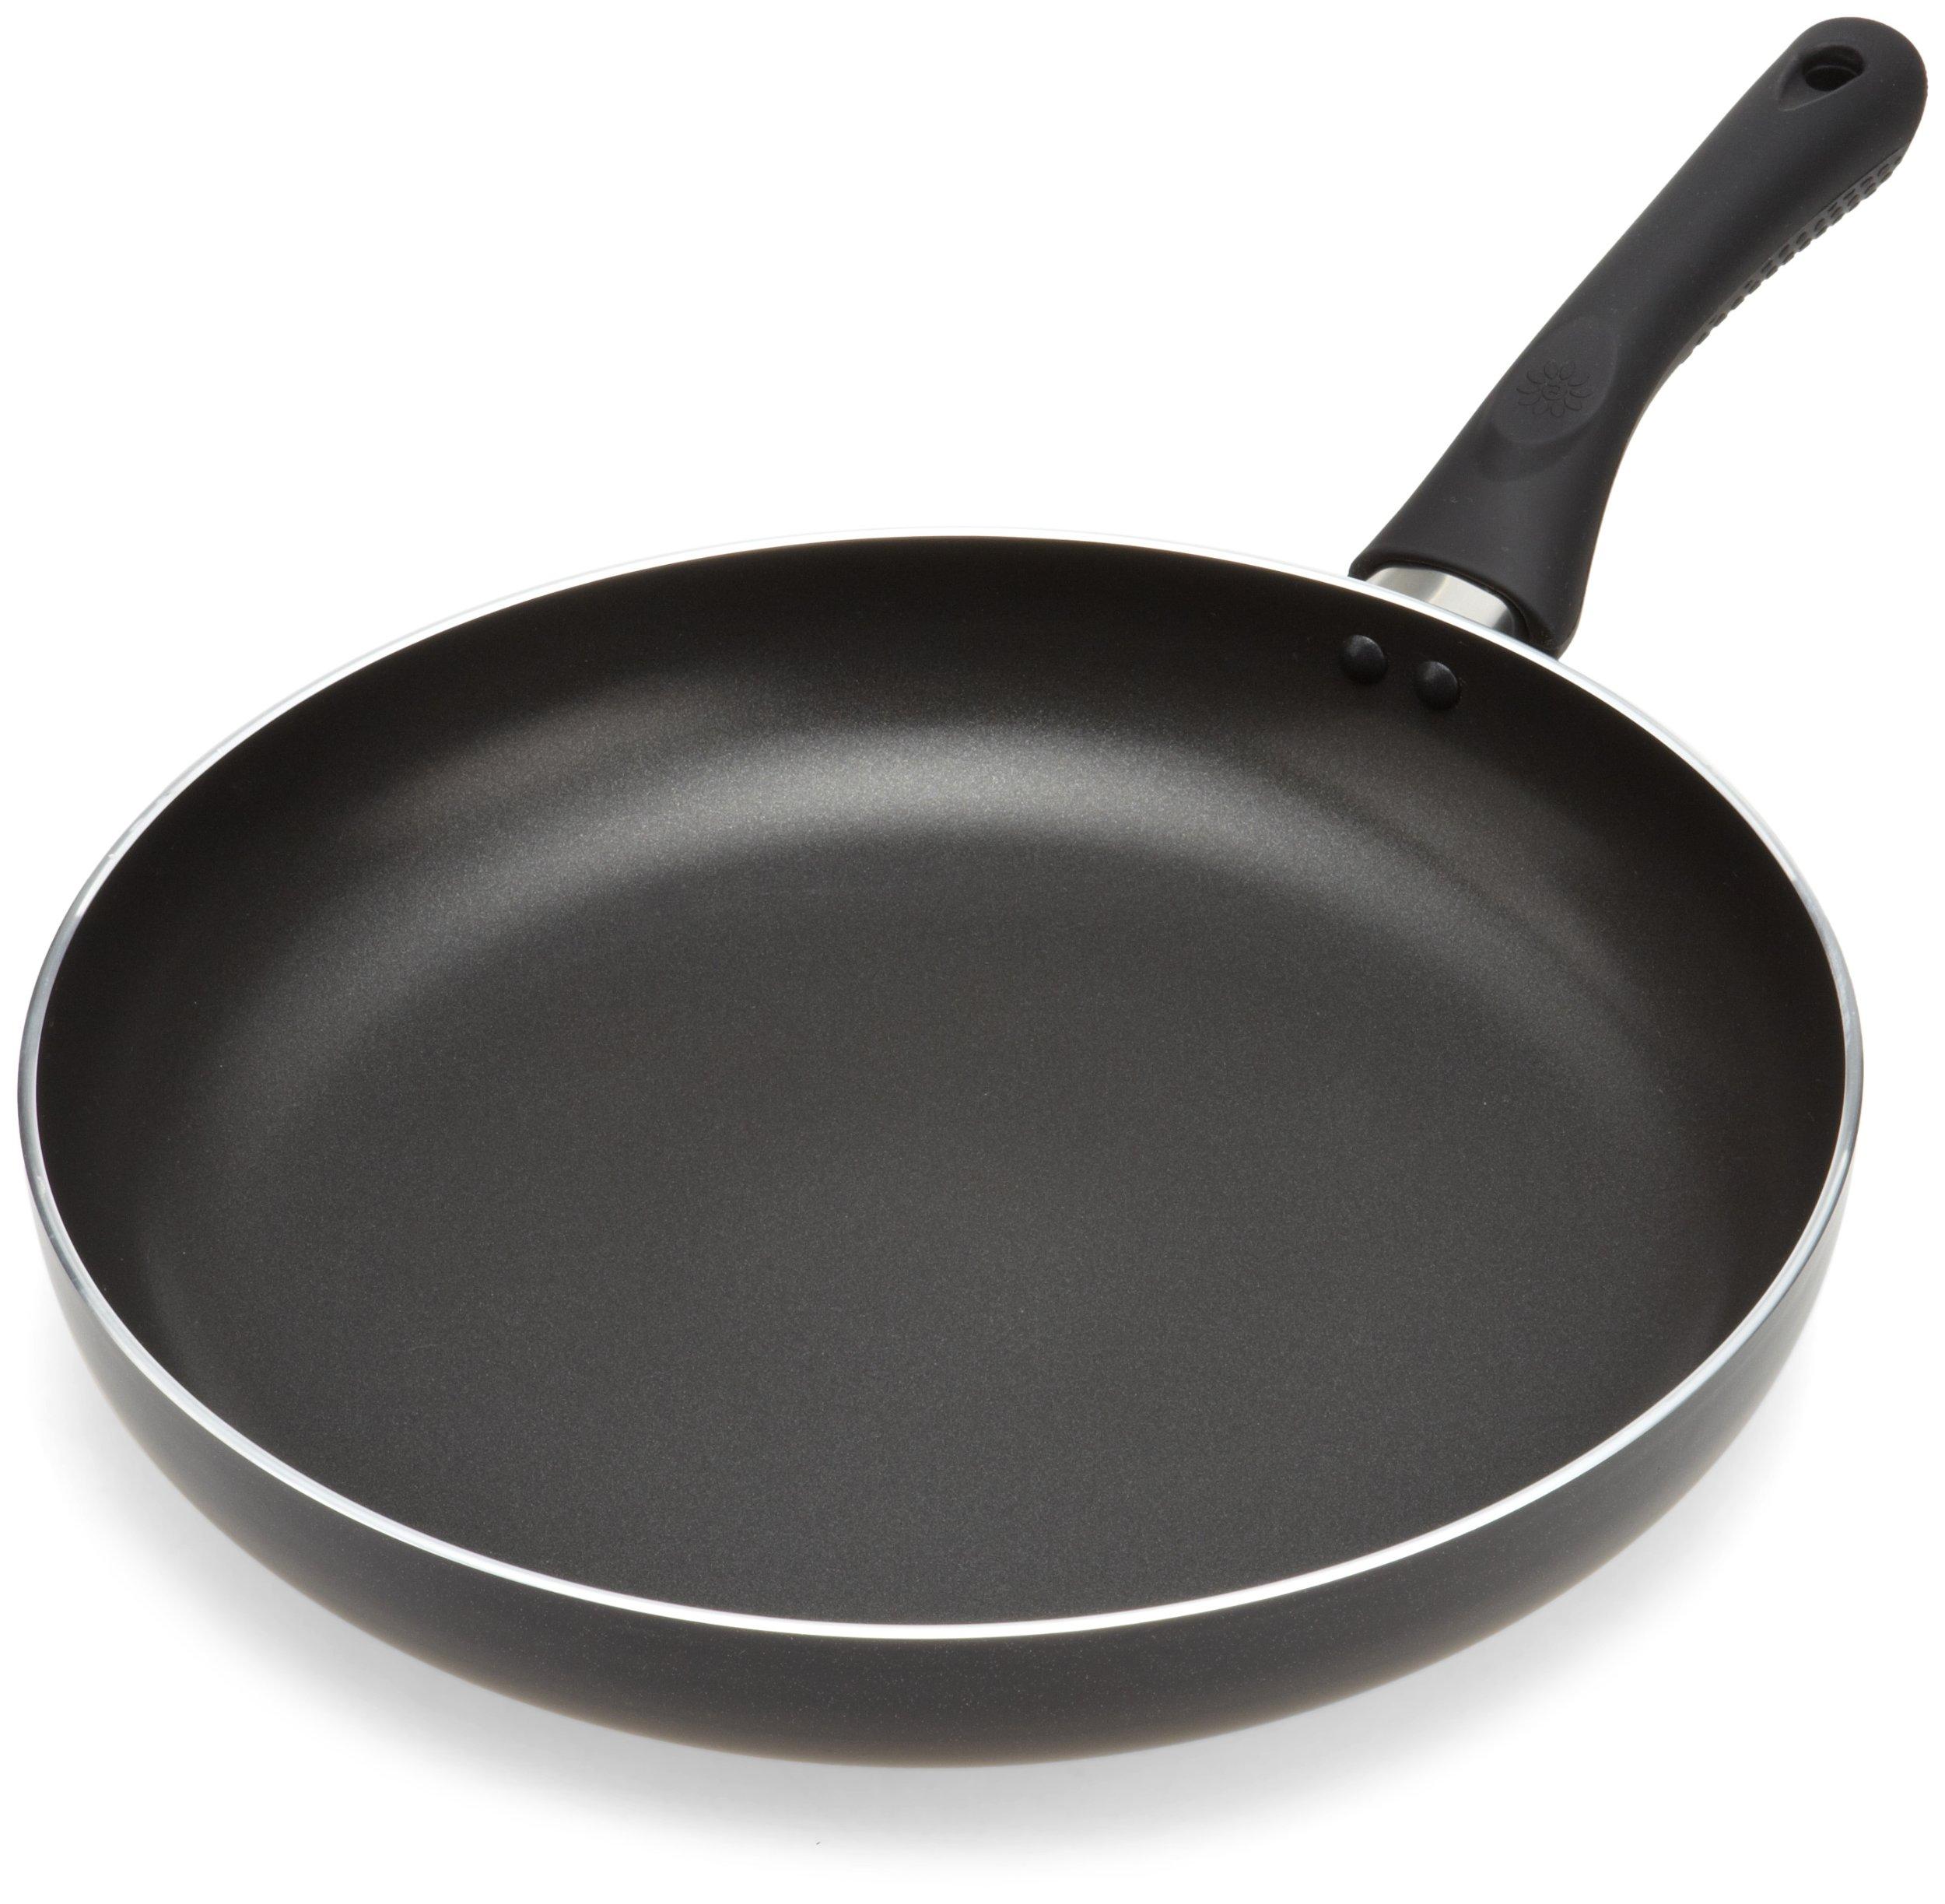 Ecolution Artistry Nonstick Frying Pan - 12.5'' Large - Grande Skillet, Black